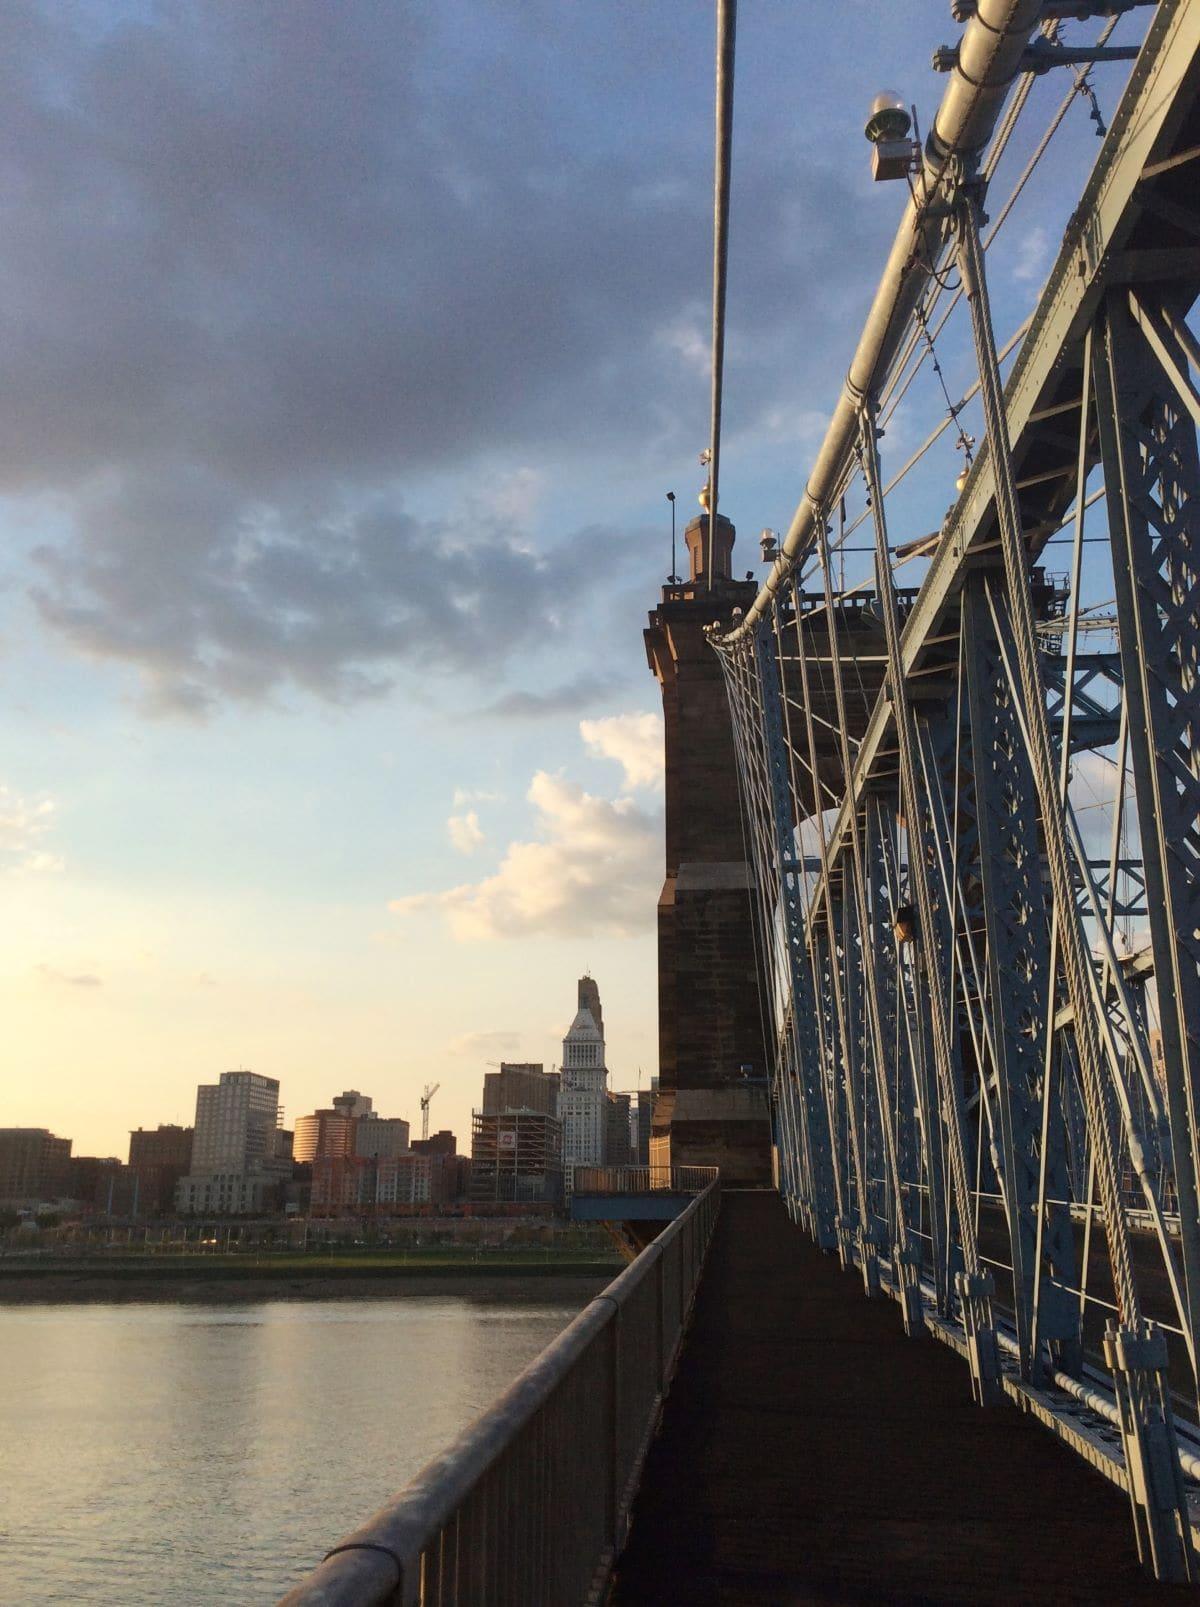 Suspension bridge overlooking the Ohio River into Cincinnati at sunset